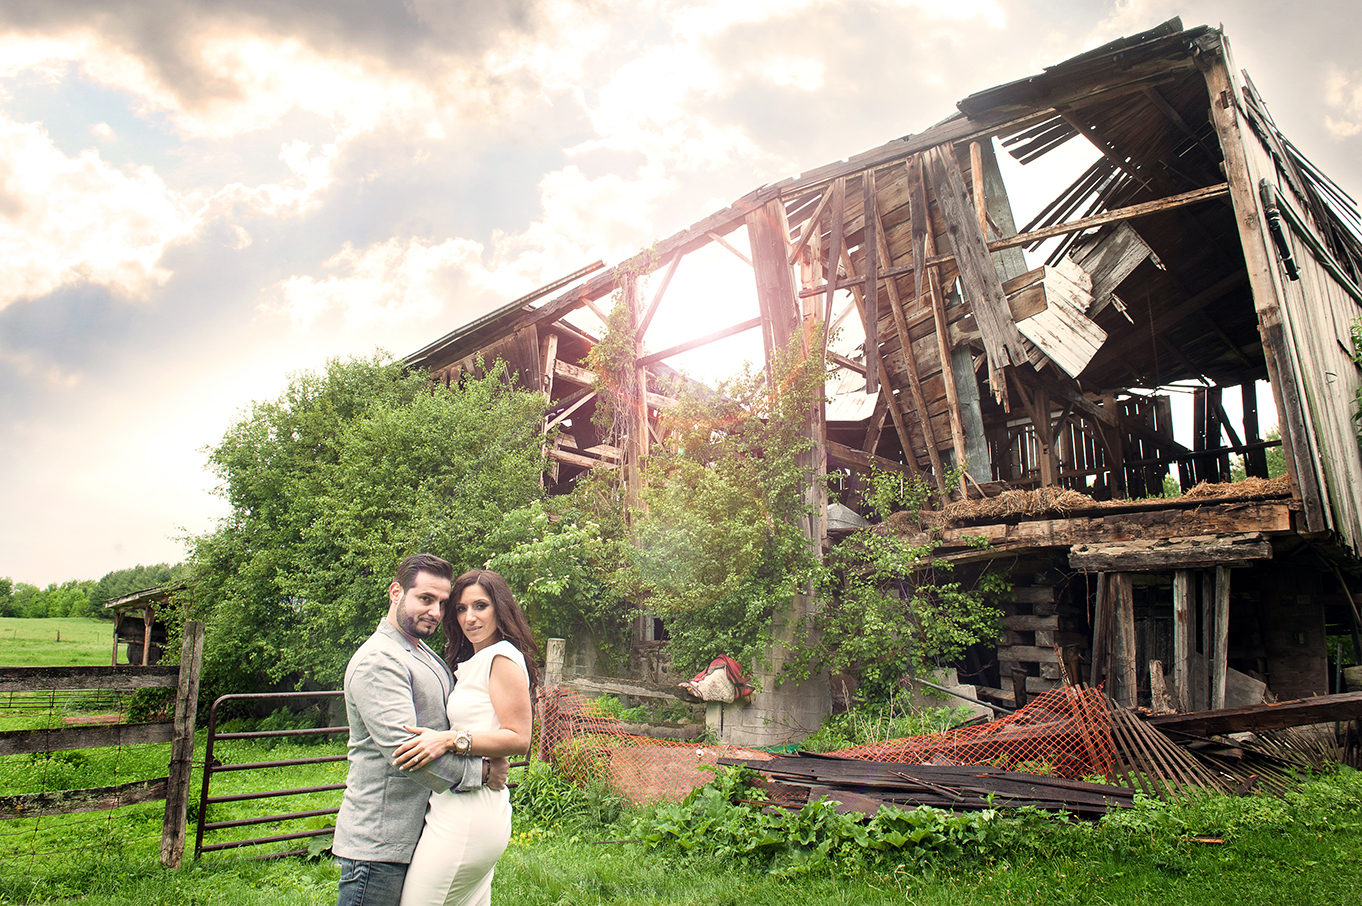 Marisa&Donato_Engagement-125.jpg